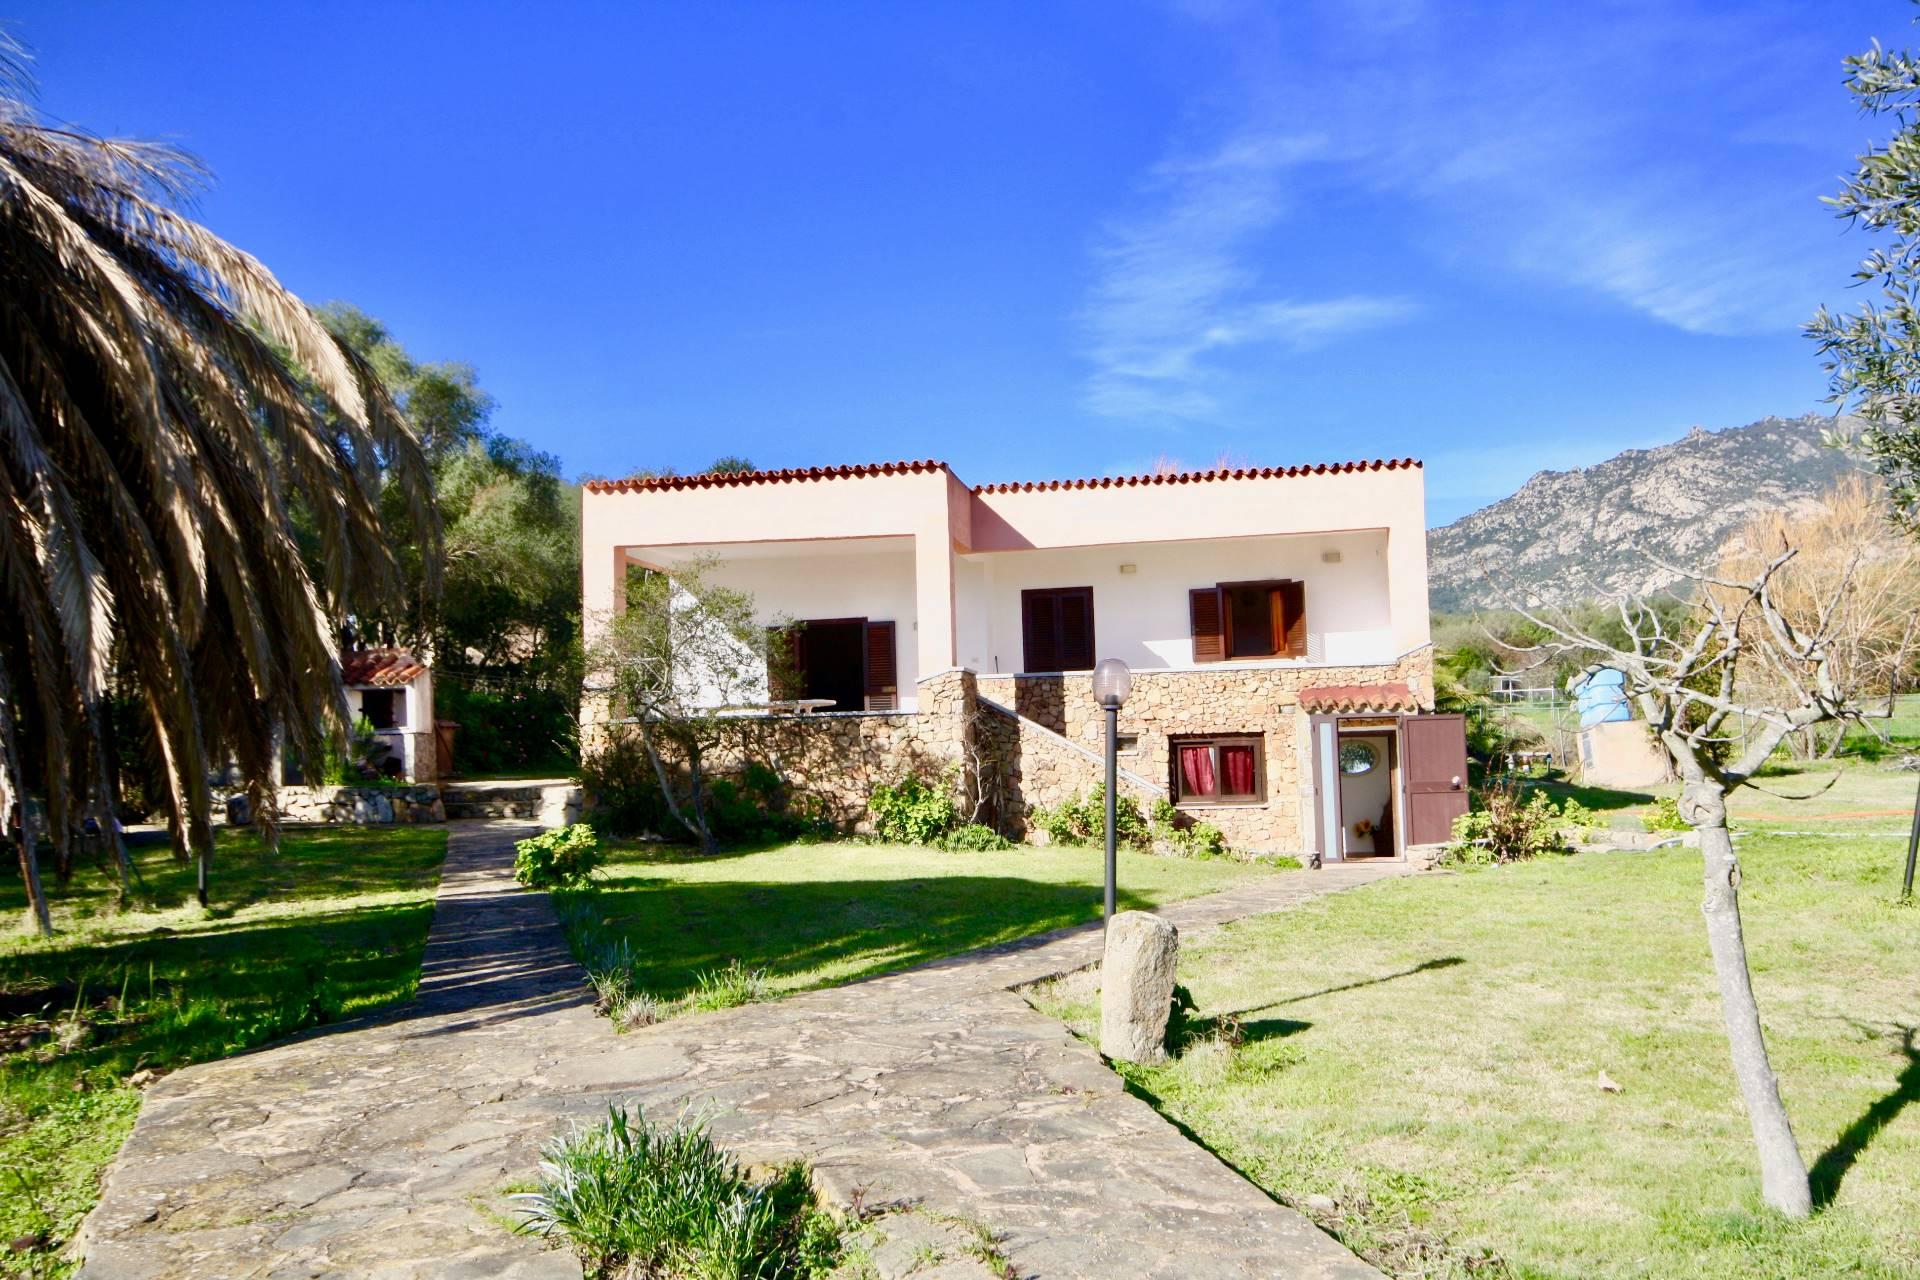 Foto - Villa In Vendita Olbia (ot)